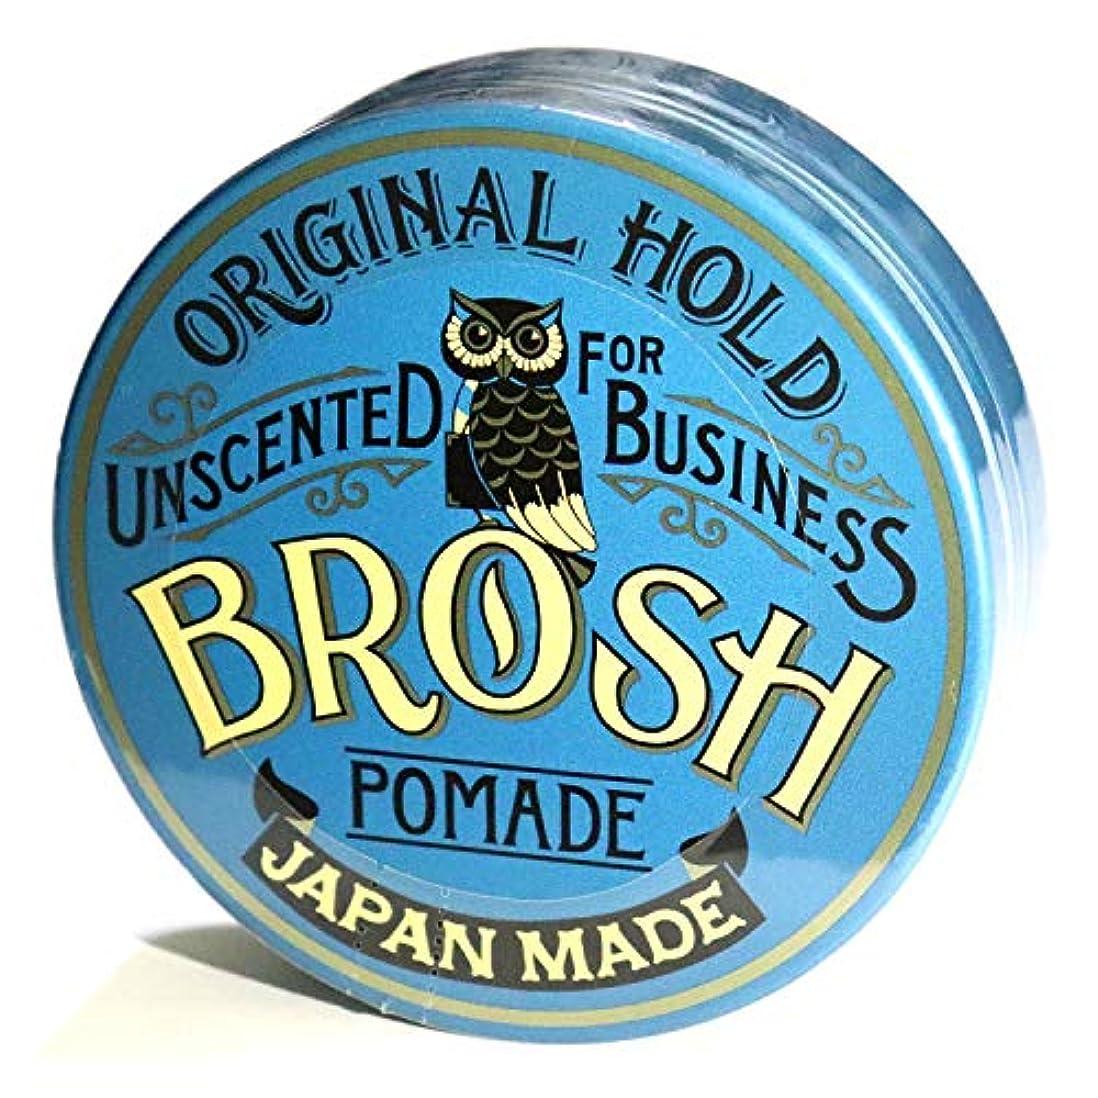 一月つづりアーネストシャクルトンBROSH (ブロッシュ) BROSH POMADE UNSCENTED/BIZ 115g 水性ポマード 整髪料 無香料